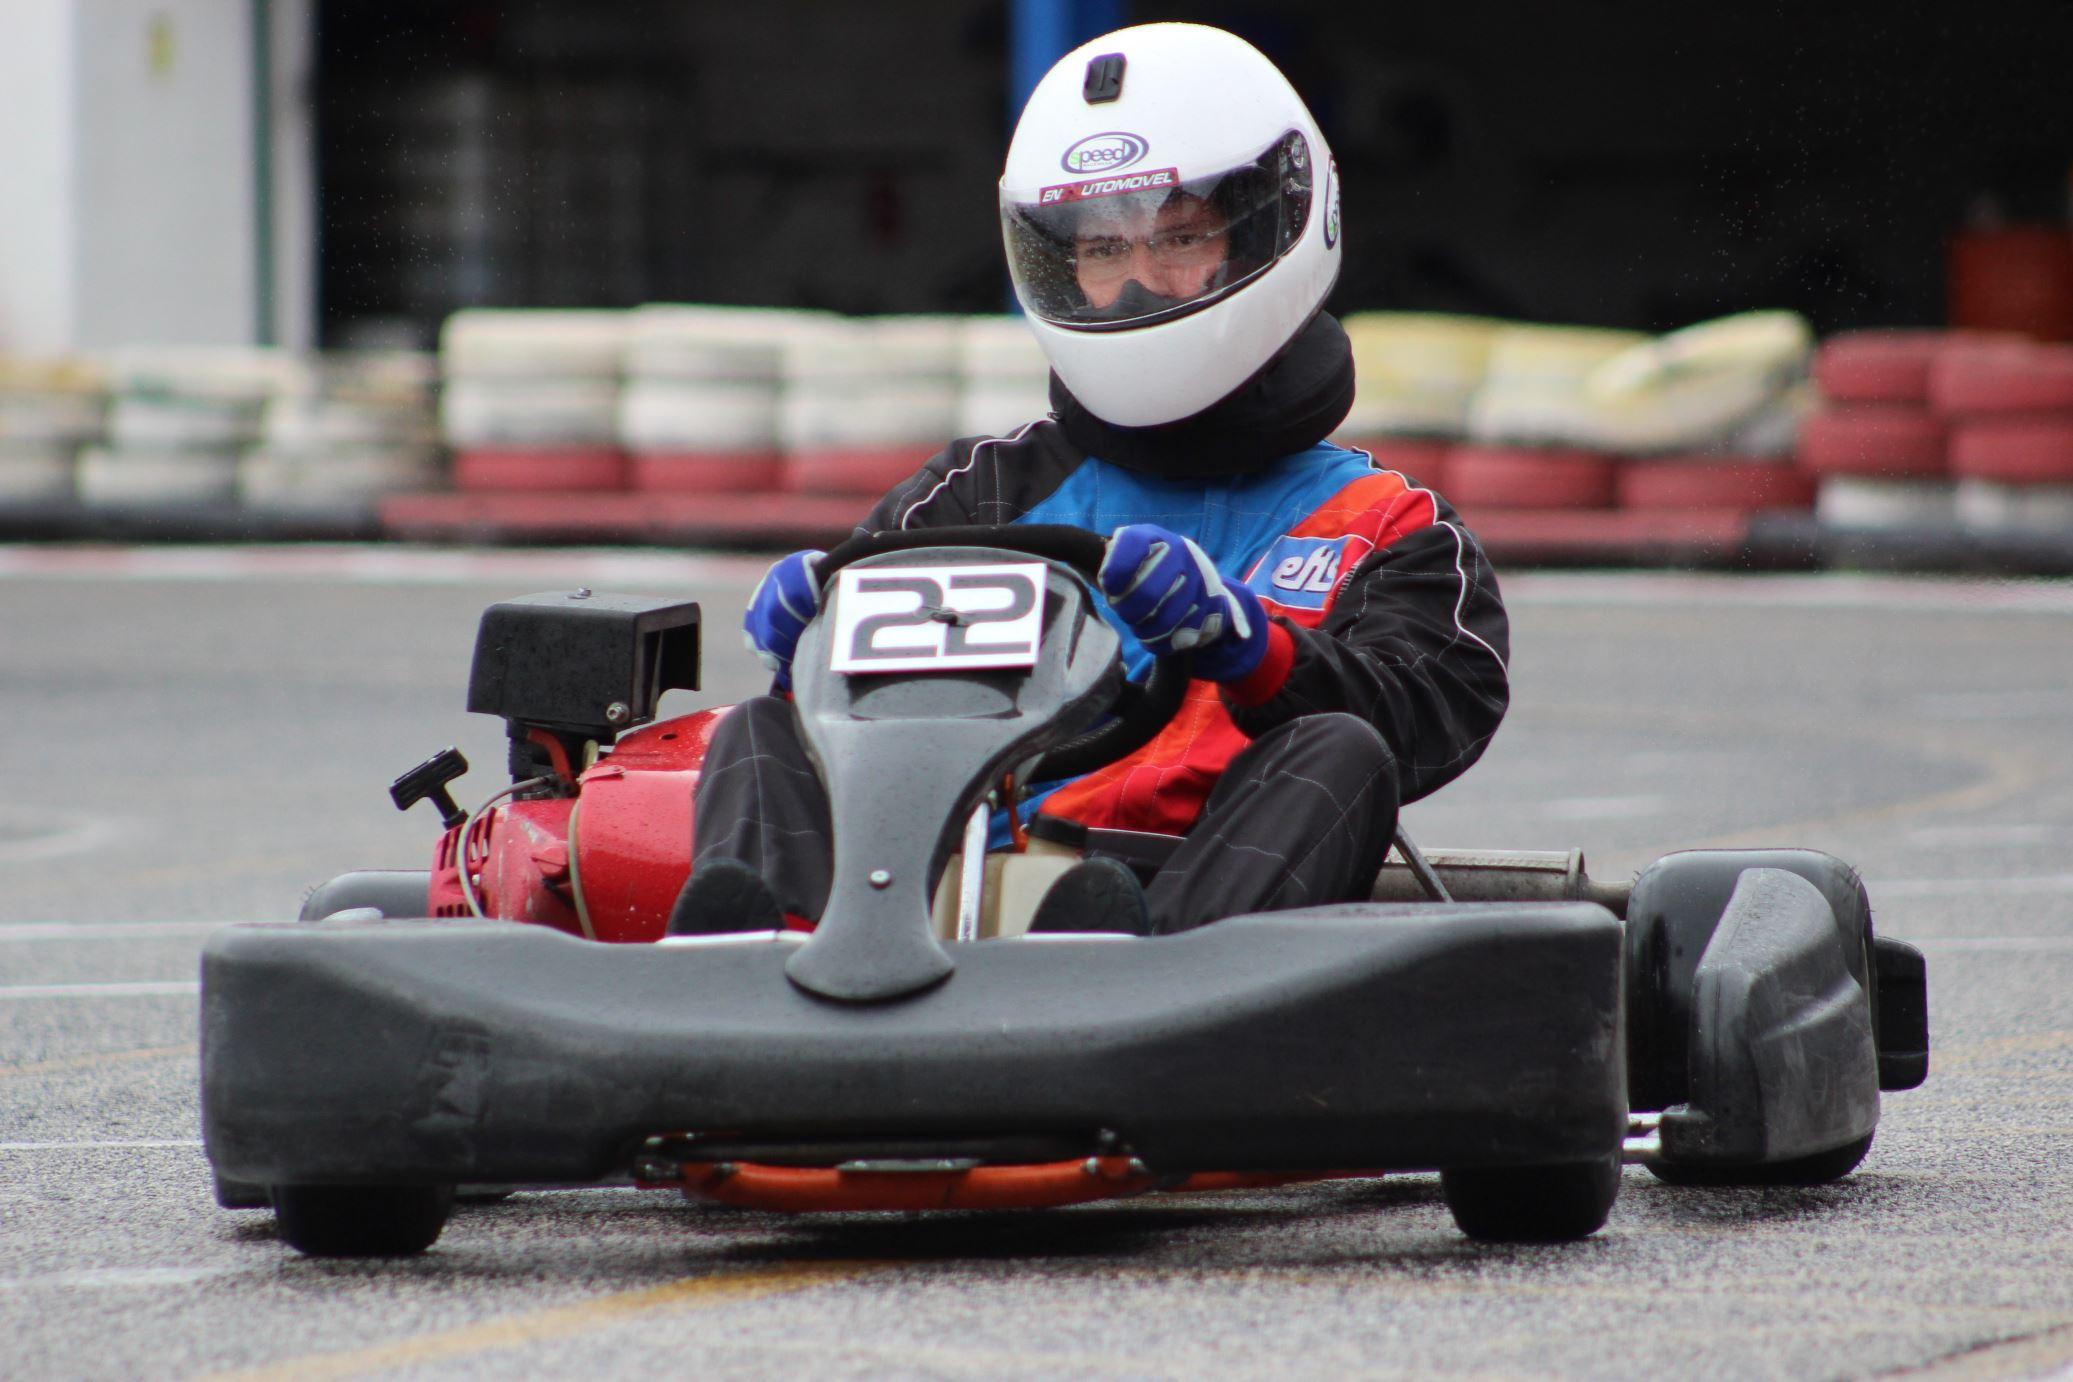 Troféu Honda 2014 - 2ª Prova80